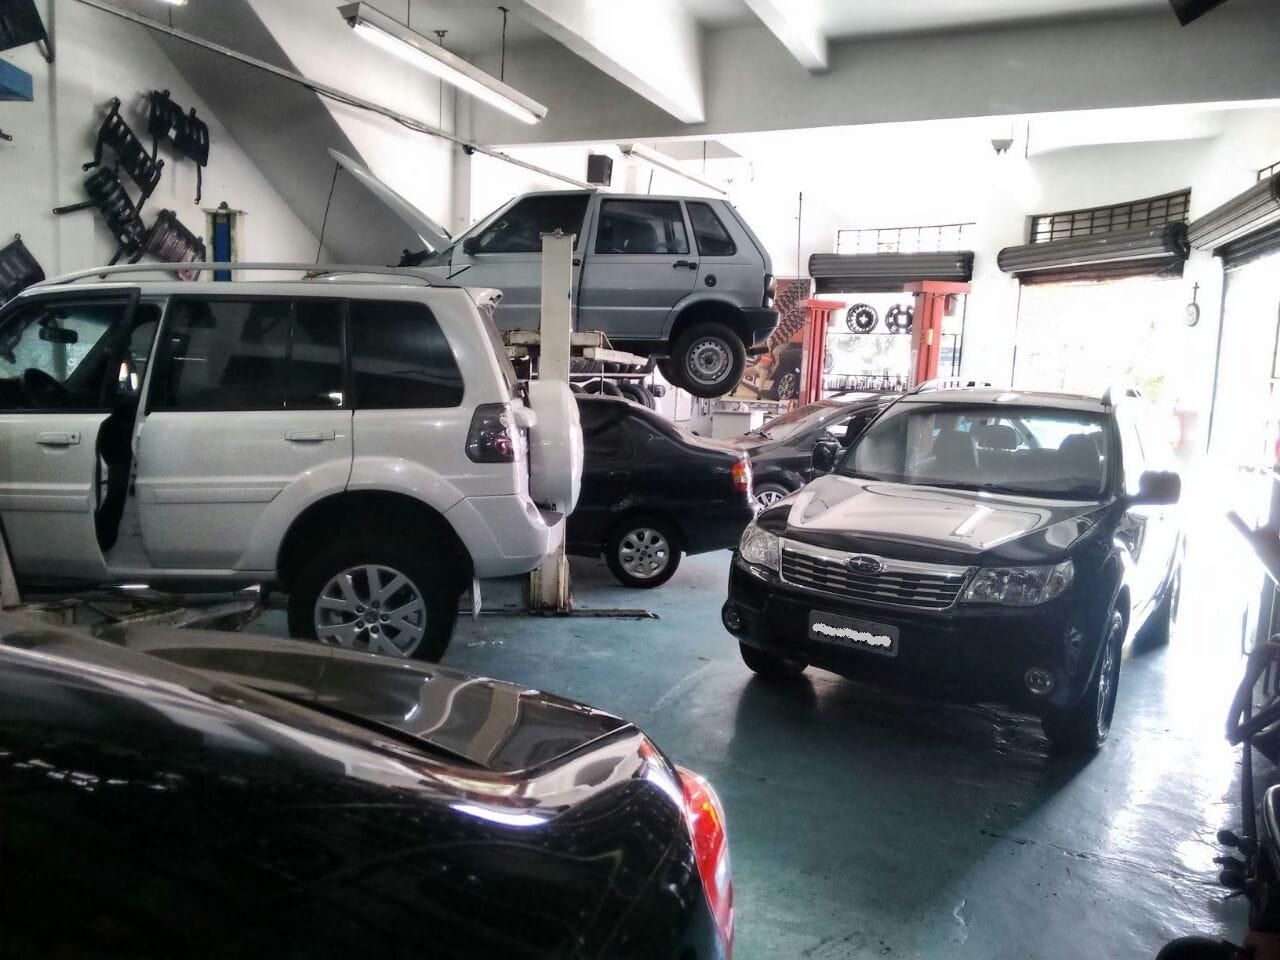 Oficina Mecânica Especializada em Carros Importados